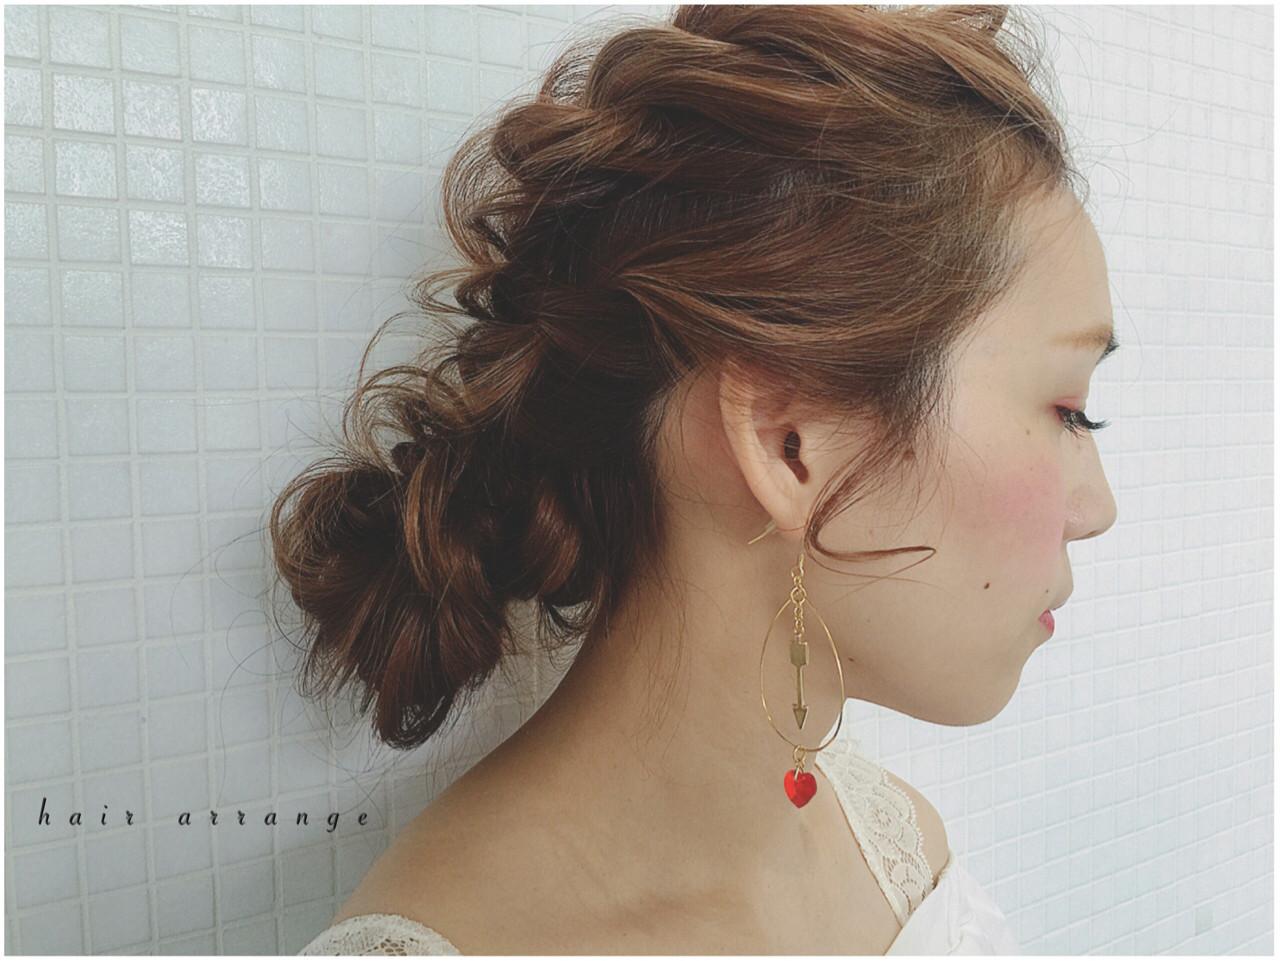 お団子×編み込みでつくる特別な日のヘアスタイル takashi cawamura